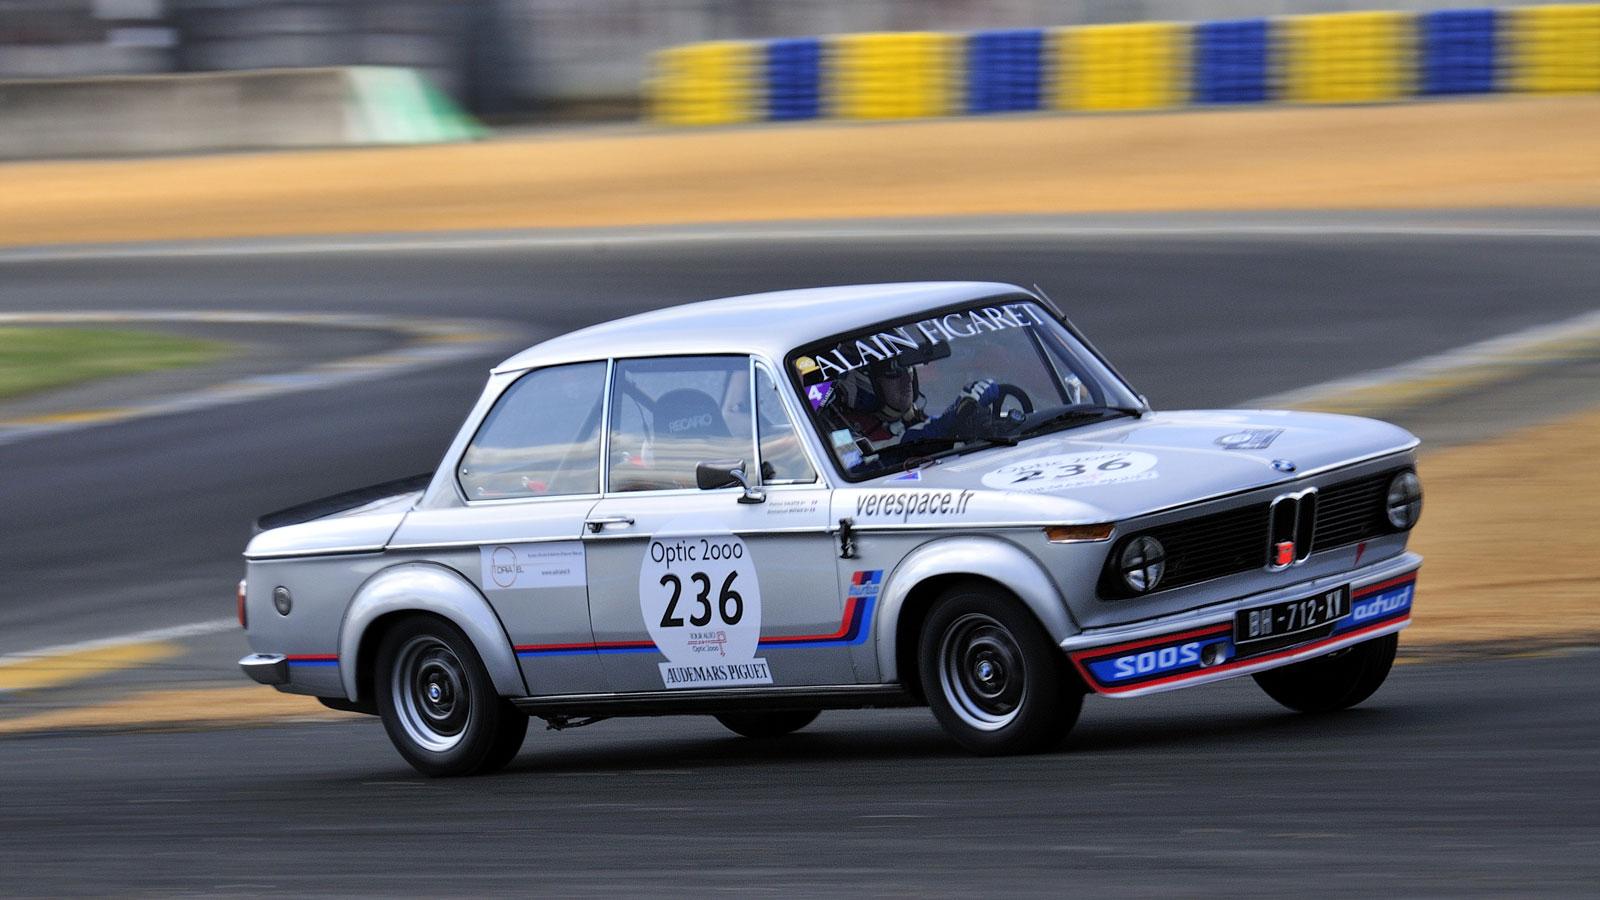 BMW turbo bmw 2002 : BMW 2002 Turbo 1600 - Member's Albums - BMW 2002 FAQ